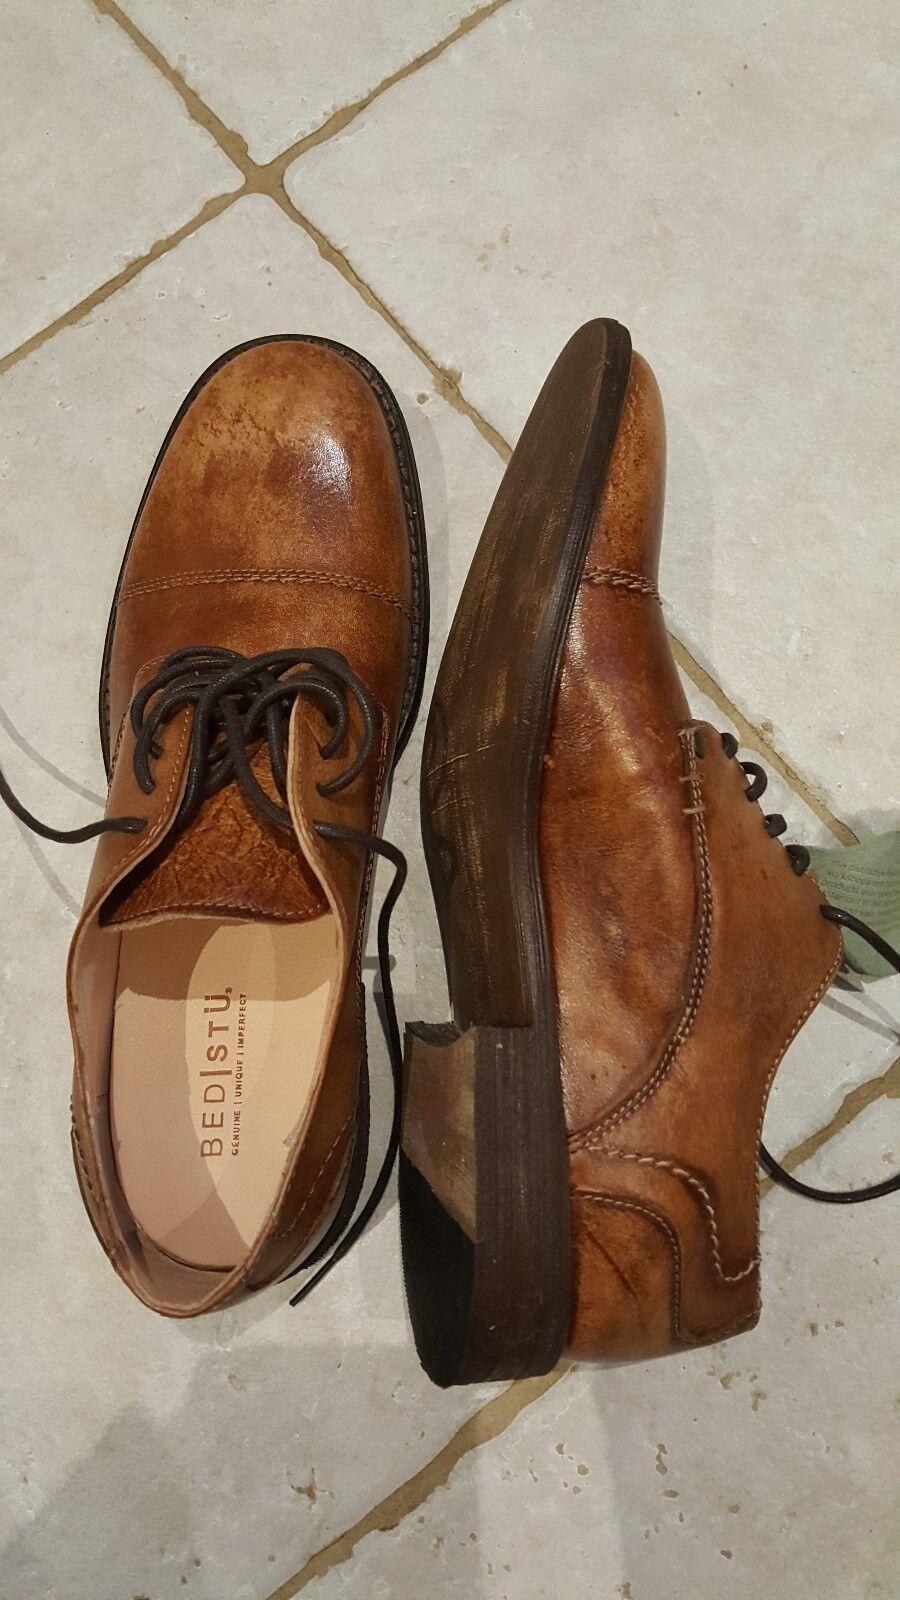 Bed Stu Stu Stu tan leather herren schuhe Größe 10.5 a97f03